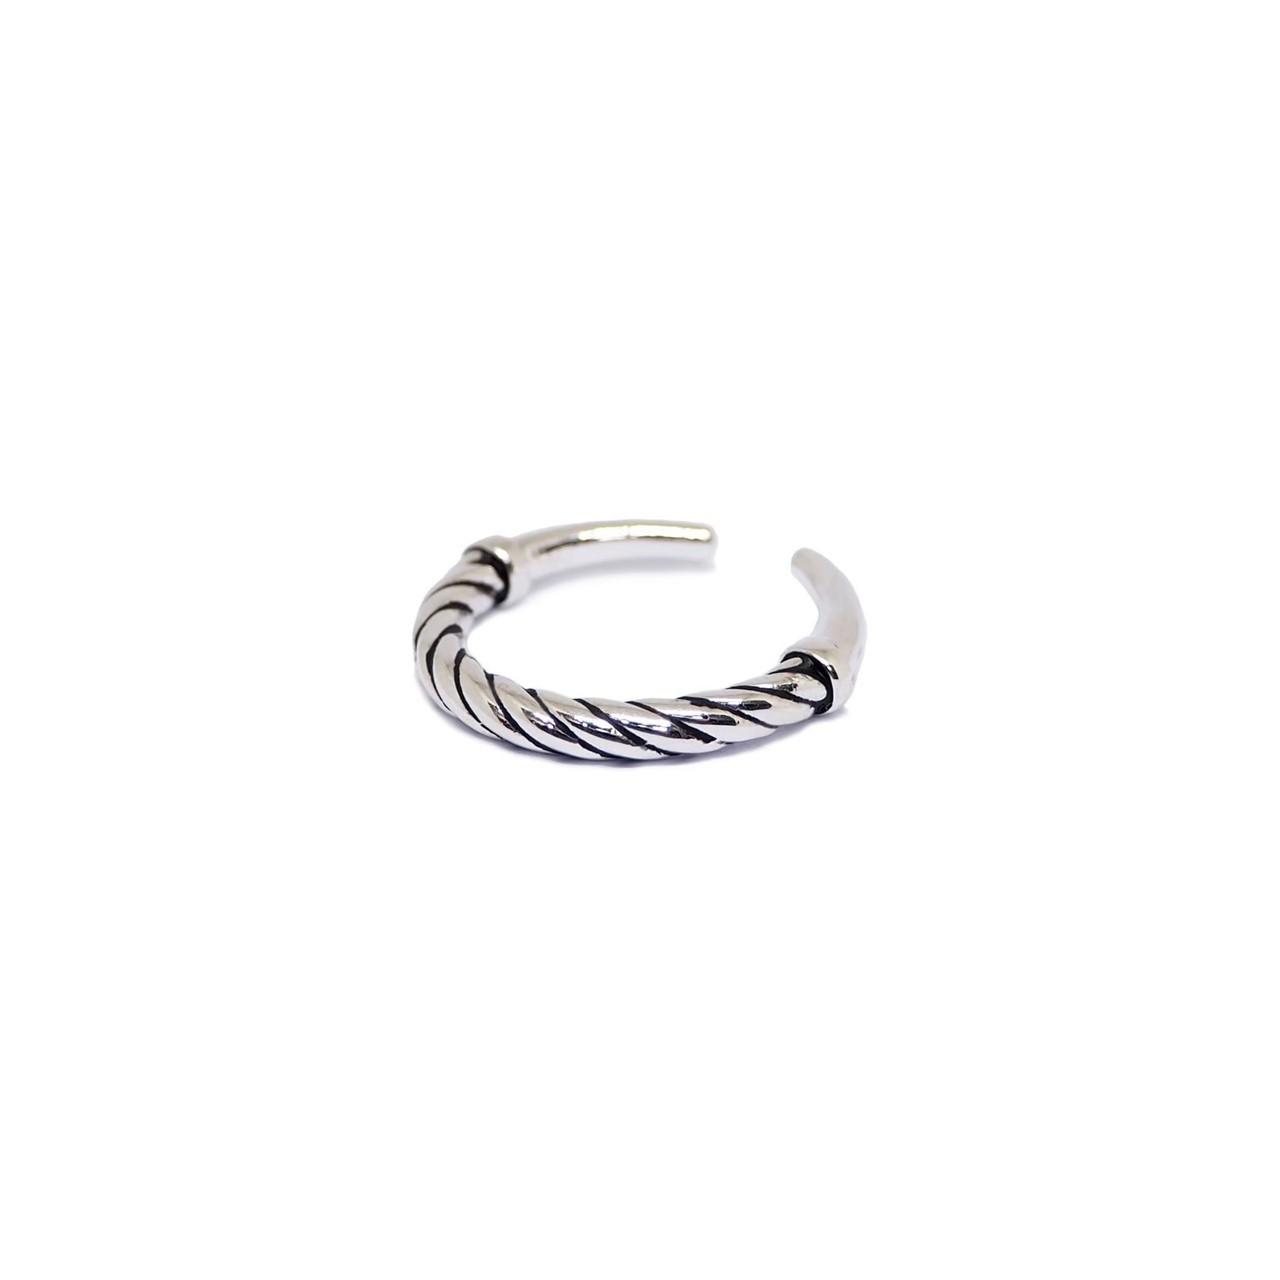 Ropeline Ring